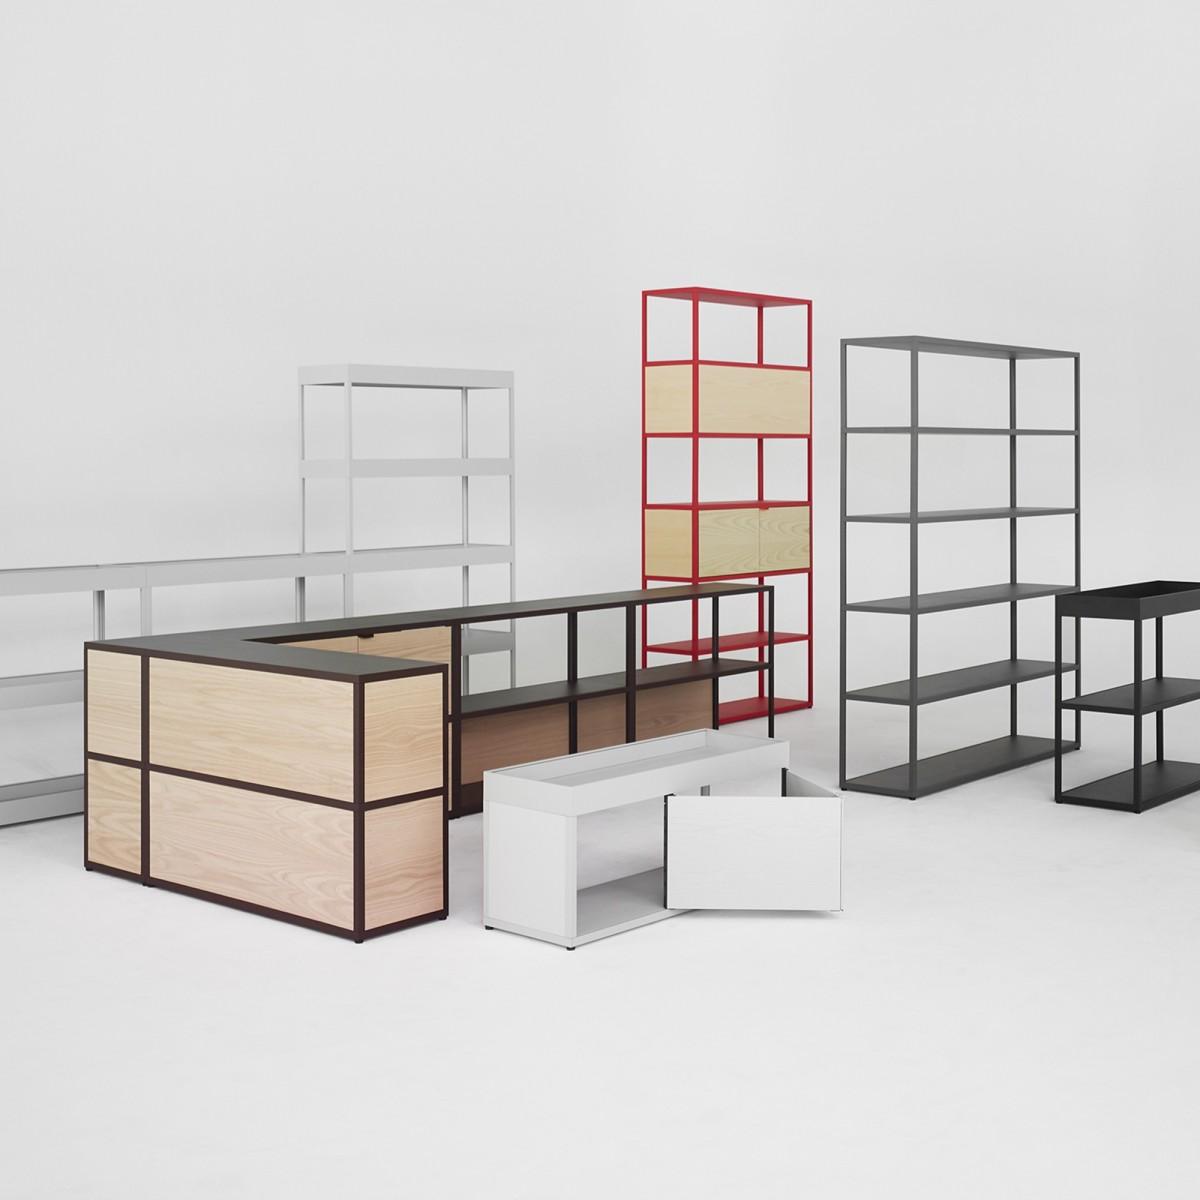 syt me new order sur mesure hay. Black Bedroom Furniture Sets. Home Design Ideas